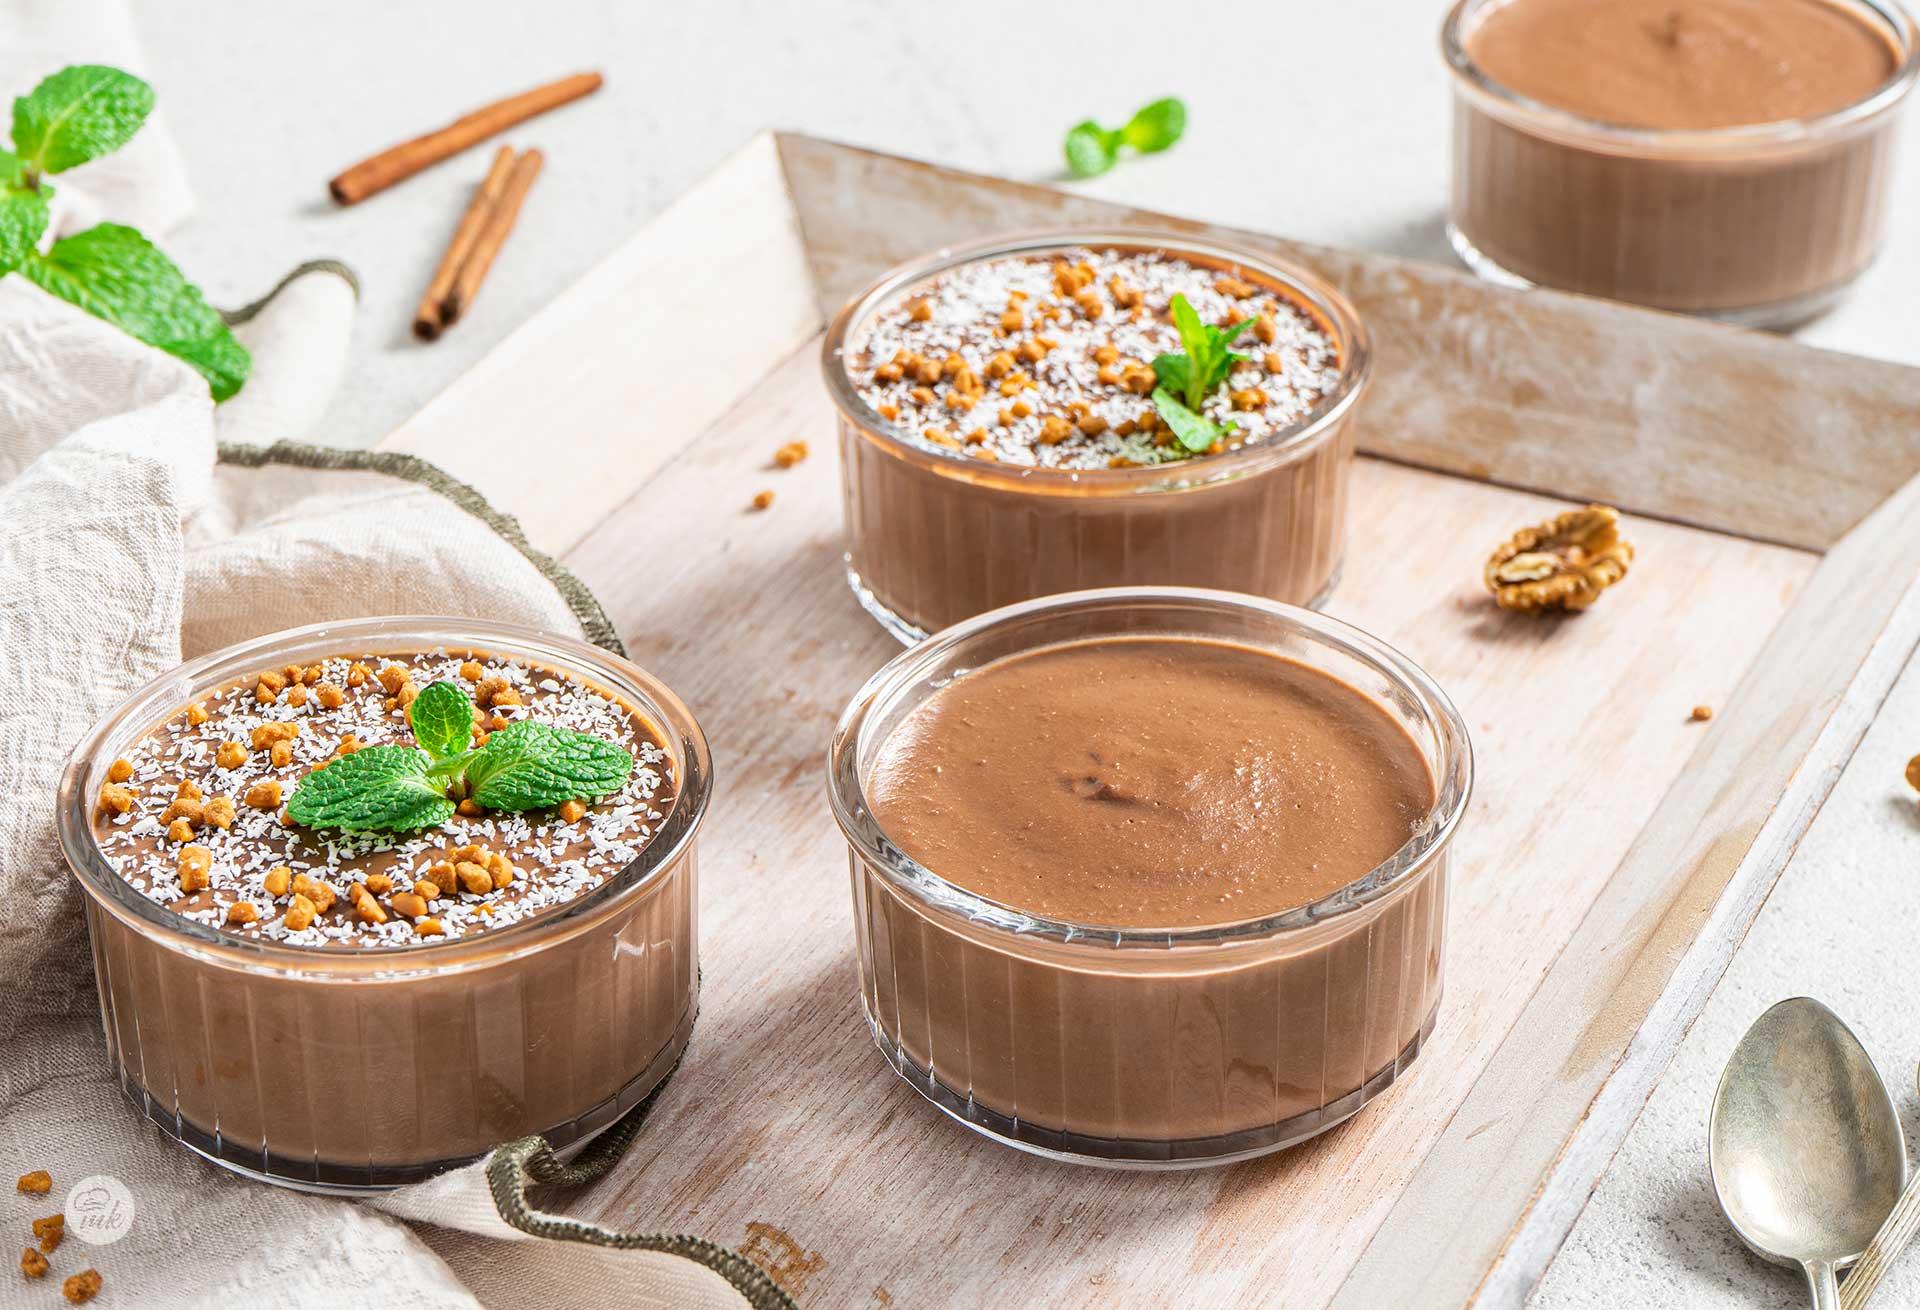 Шоколадов крем, сервиран в три прозрачни купички, две от тях с мента, кокосви стърготини, канелени пръчици, снимани отстрани